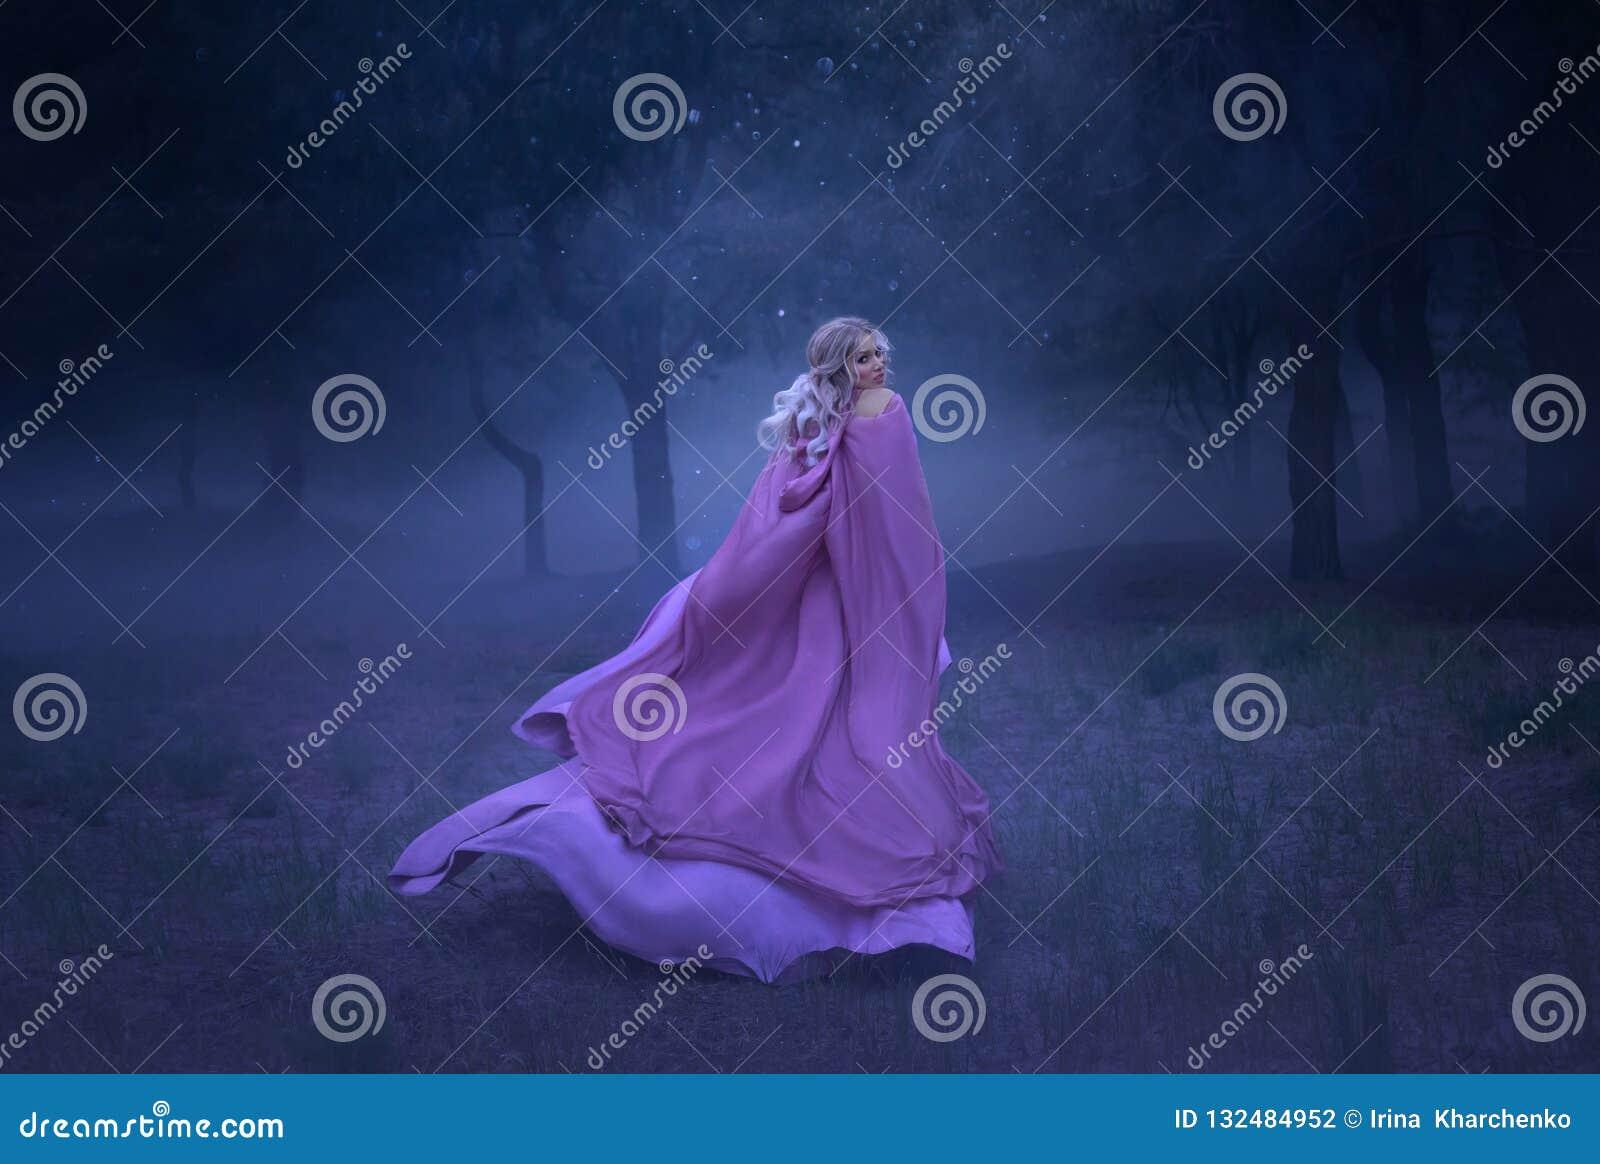 Шикарная молодая принцесса эльфа со светлыми волосами которые исчезают в лесе вполне белого тумана, одетый в длинном, дорогой